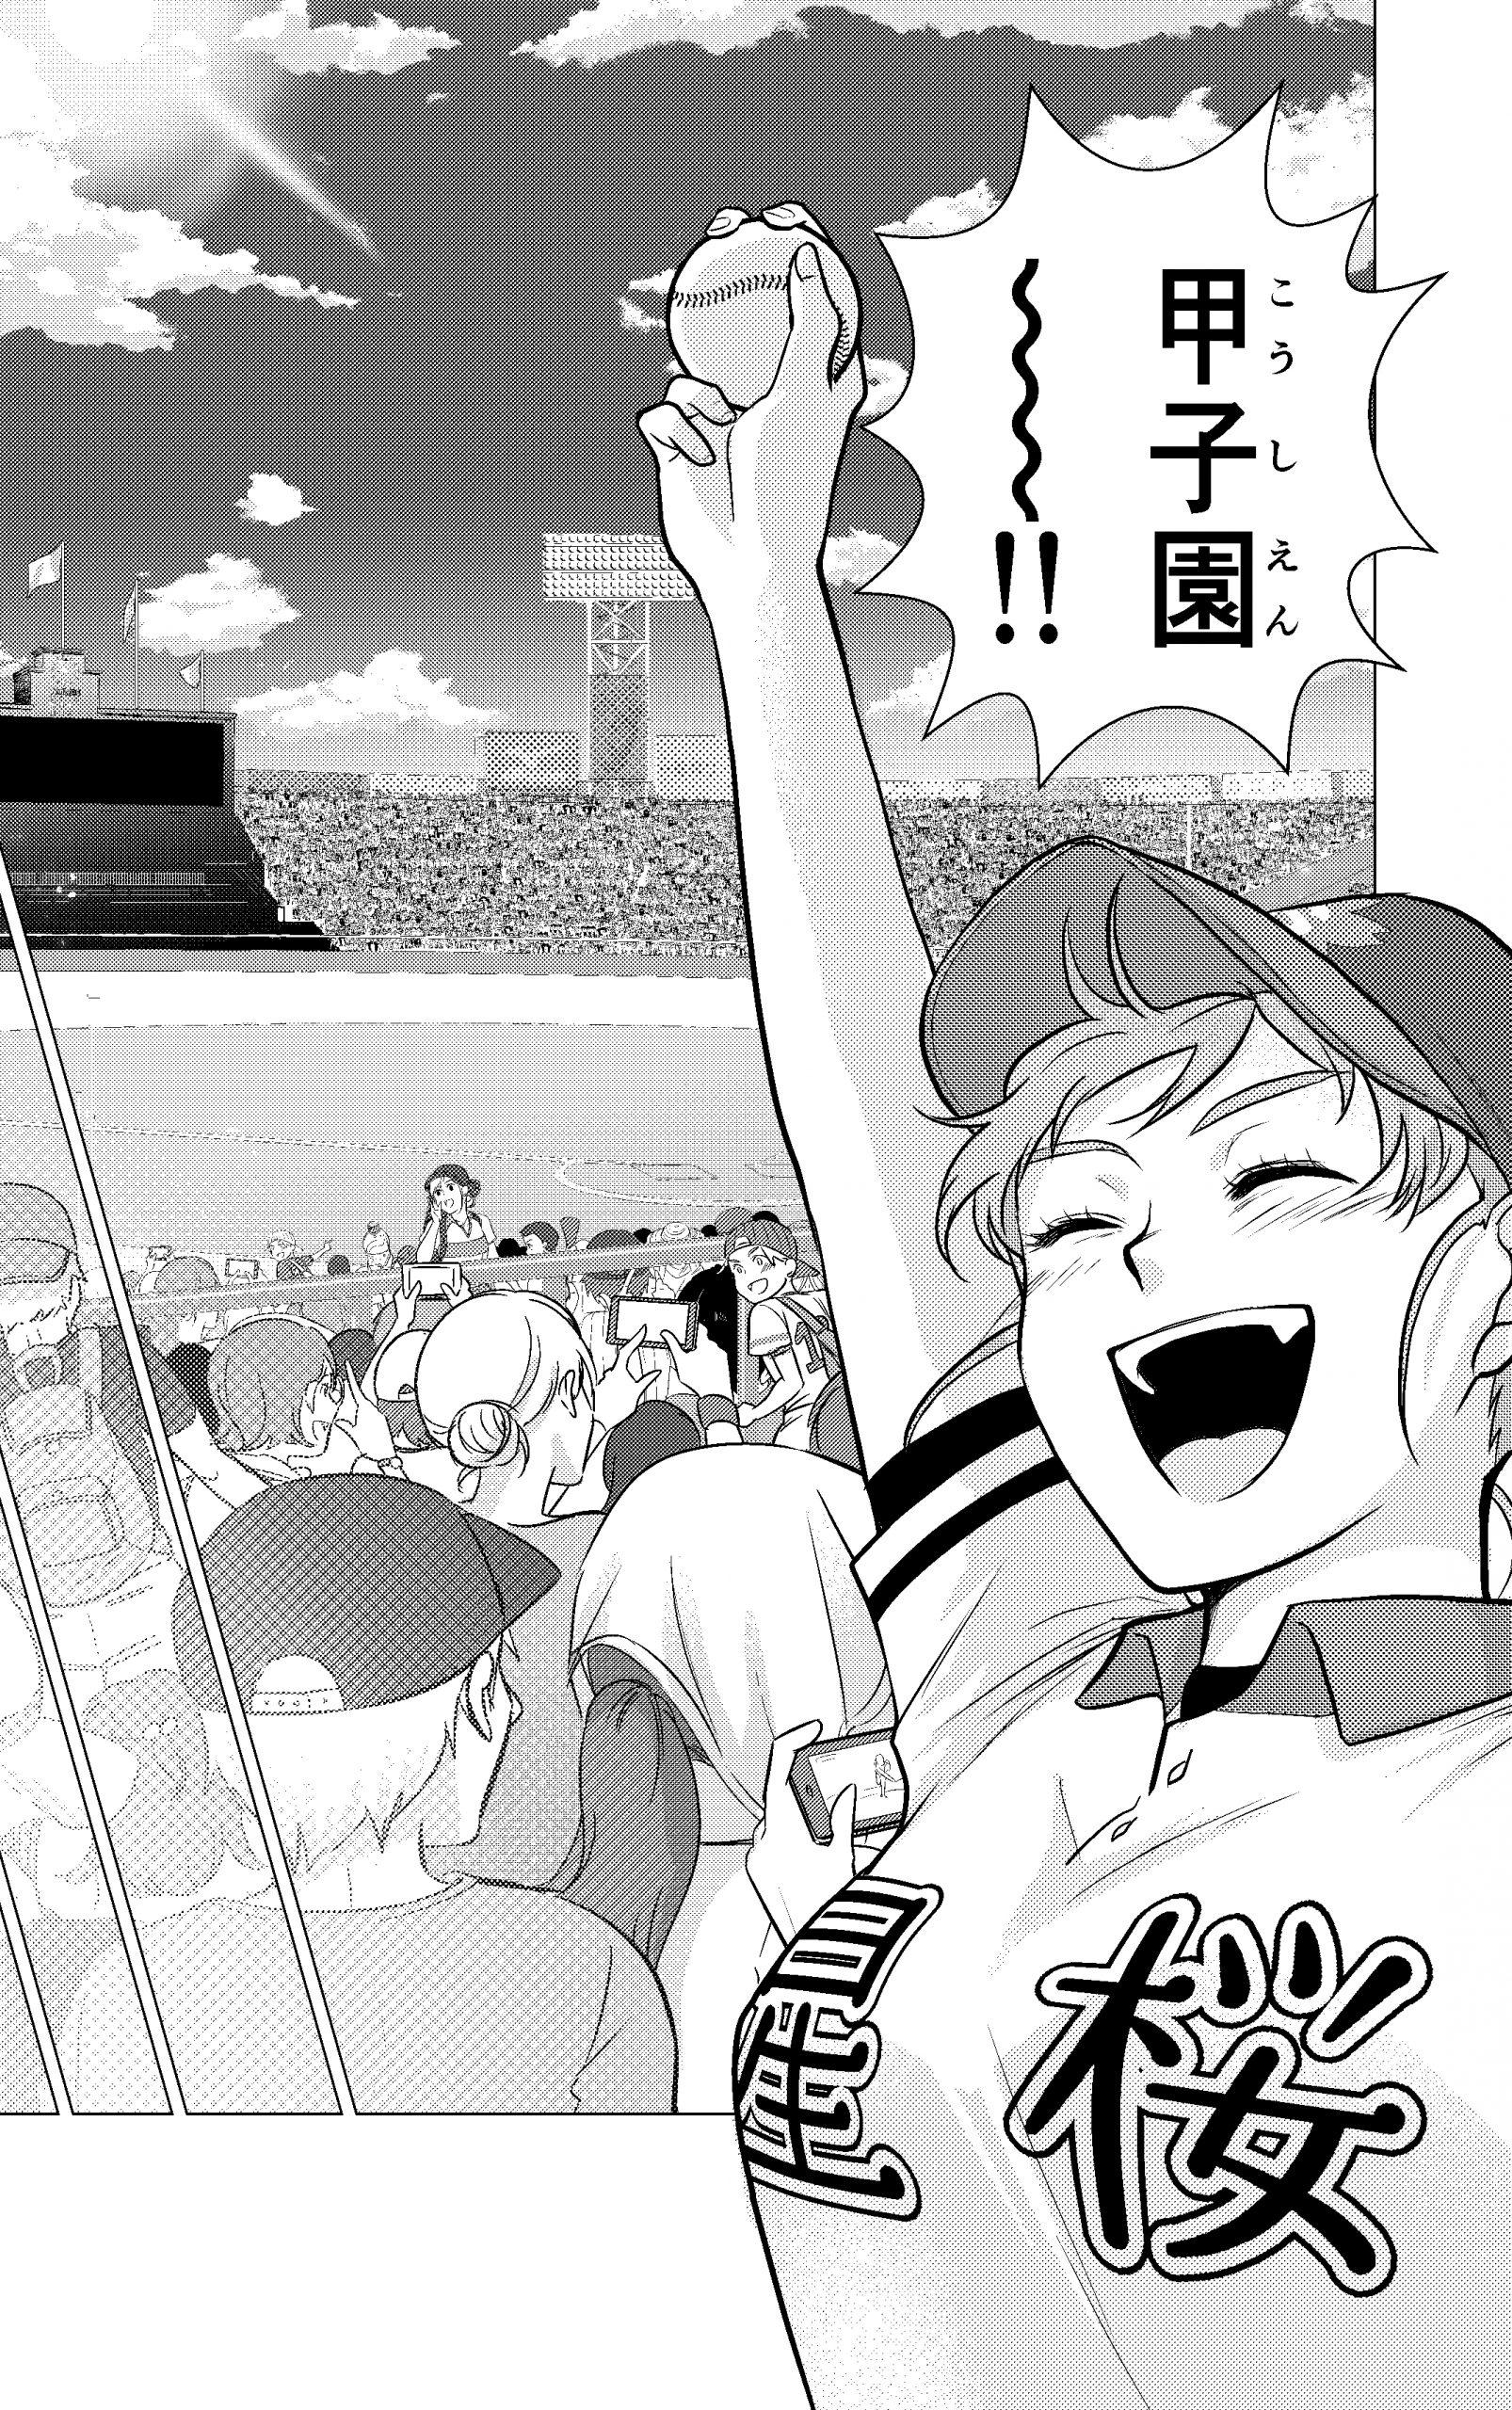 「甲子園!!」夢の舞台甲子園に立ち野球ボールを大きく掲げる花鈴